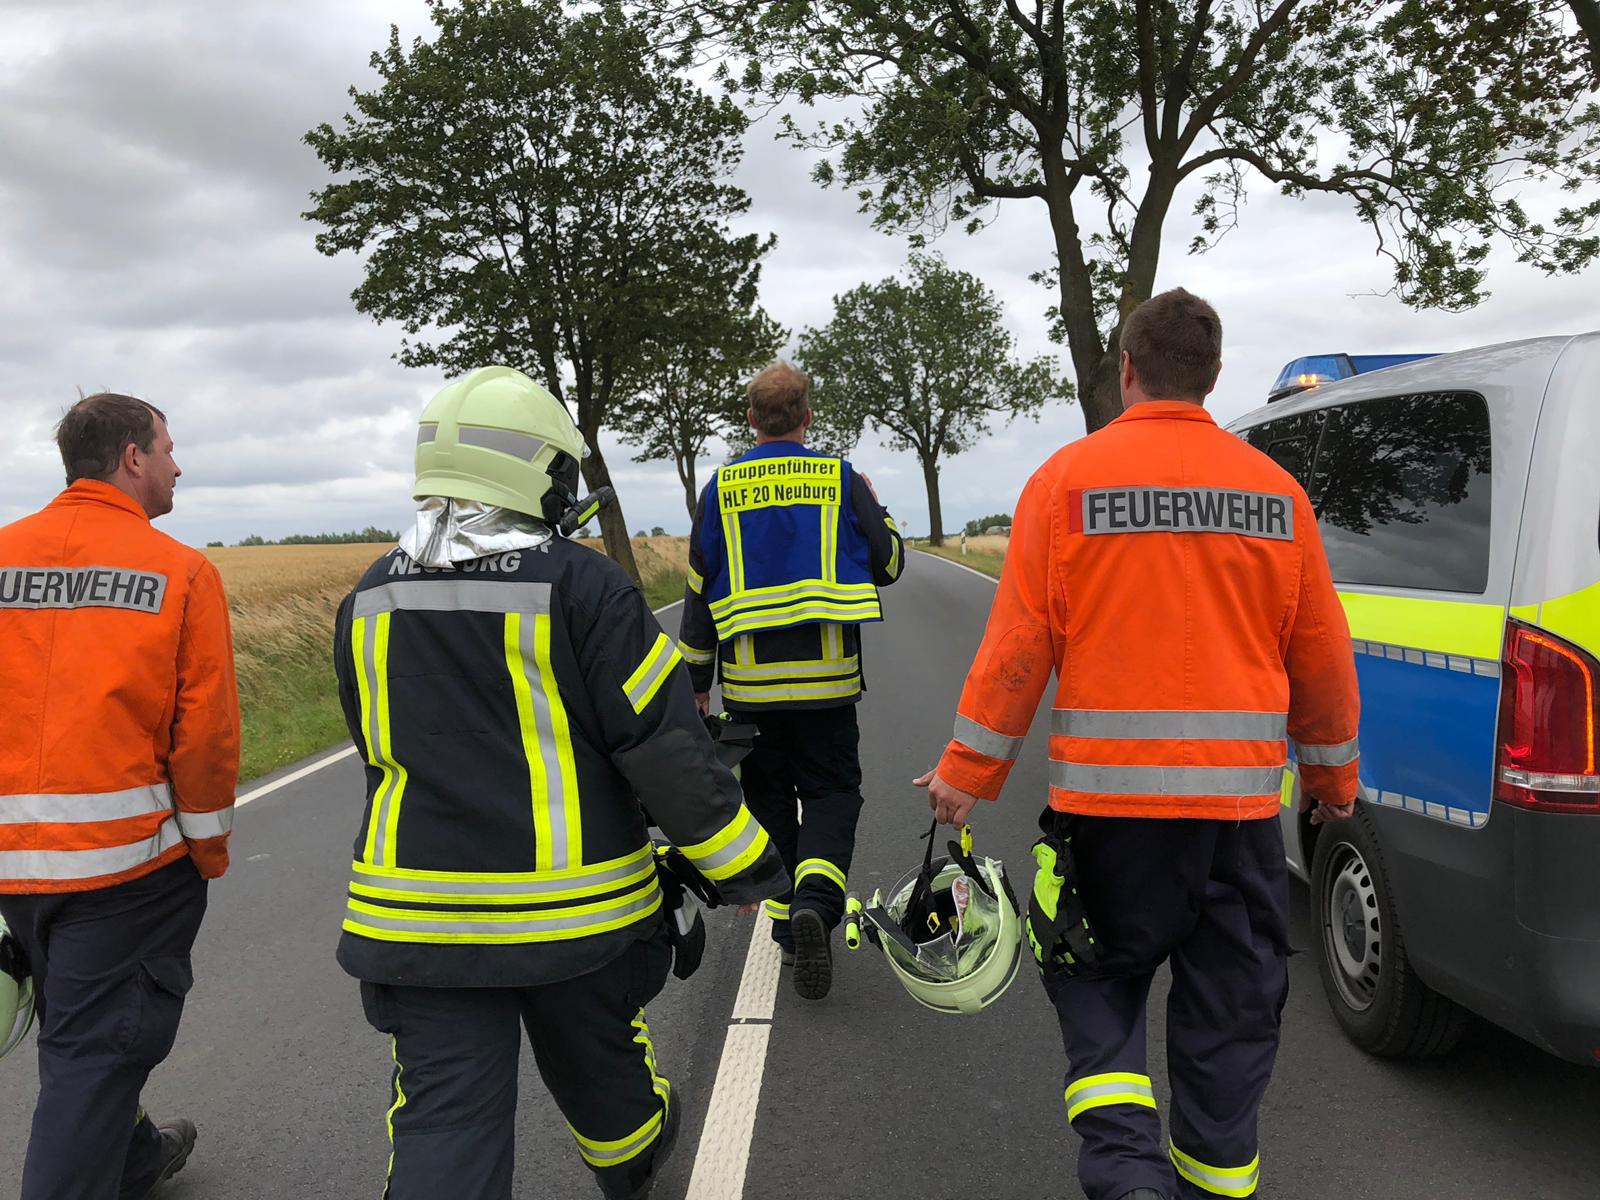 2019-07-07_Technische-Hilfeleistungseinsatz_VKU-8-Verletzte-Personen5